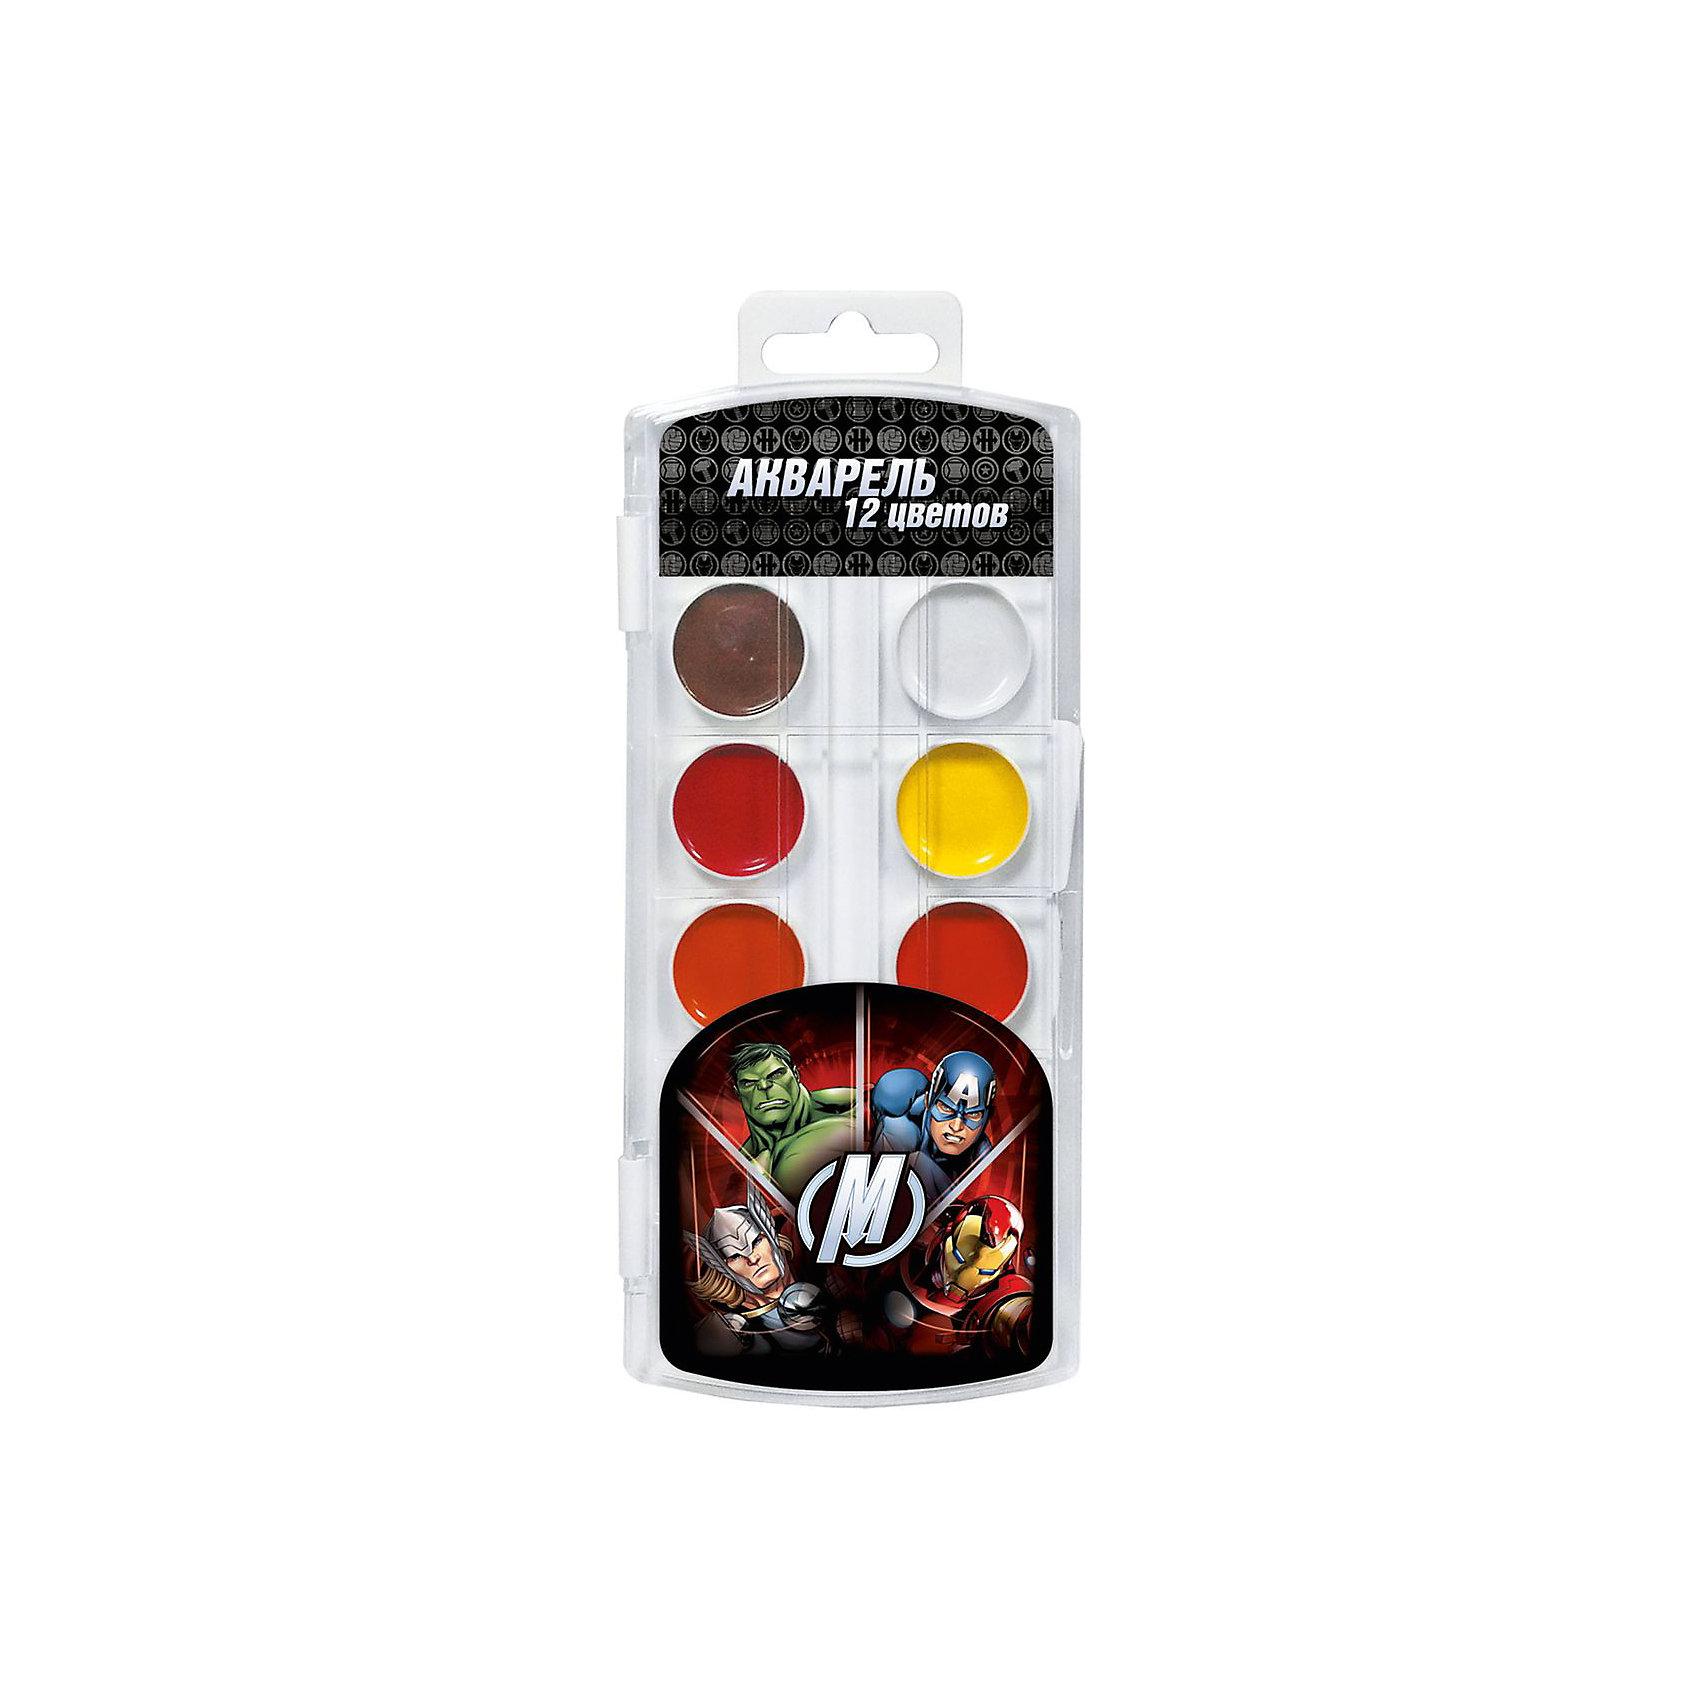 Акварельные краски Мстители 12 цветовРисование - один из самых главных методов развития творческих способностей у детей. Оно отлично развивает память, внимание, мелкую моторику и воображение. Представляем Вашему вниманию набор акварельных красок Мстители (Avengers) в удобном пластиковом чехле. 12 ярких насыщенных цветов акварели дадут Вашему юному художнику широкий простор для творчества. Краски Мстители (Avengers) - идеальны для детского творчества. Акварель безопасна, быстро сохнет и легко набирается на кисть. С их помощью ребенок создаст нежные, наполненные светом прекрасные картины.<br><br>Дополнительная информация:<br><br>- 12 ярких цветов;<br>- Состав: вода питьевая, декстрин, глицерин, сахар, органические и неорганические тонкодисперсные пигменты, консервант, наполнитель;<br>- Понравится поклонникам мультфильмов Мстители (Avengers);<br>- Удобная упаковка;<br>- Размер: 19,5 х 7,3 х 1,1 см;<br>- Вес: 81 г<br><br>Акварельные краски Мстители (Avengers) 12 цветов можно купить в нашем интернет-магазине.<br><br>Ширина мм: 195<br>Глубина мм: 73<br>Высота мм: 11<br>Вес г: 81<br>Возраст от месяцев: 36<br>Возраст до месяцев: 108<br>Пол: Мужской<br>Возраст: Детский<br>SKU: 4121022